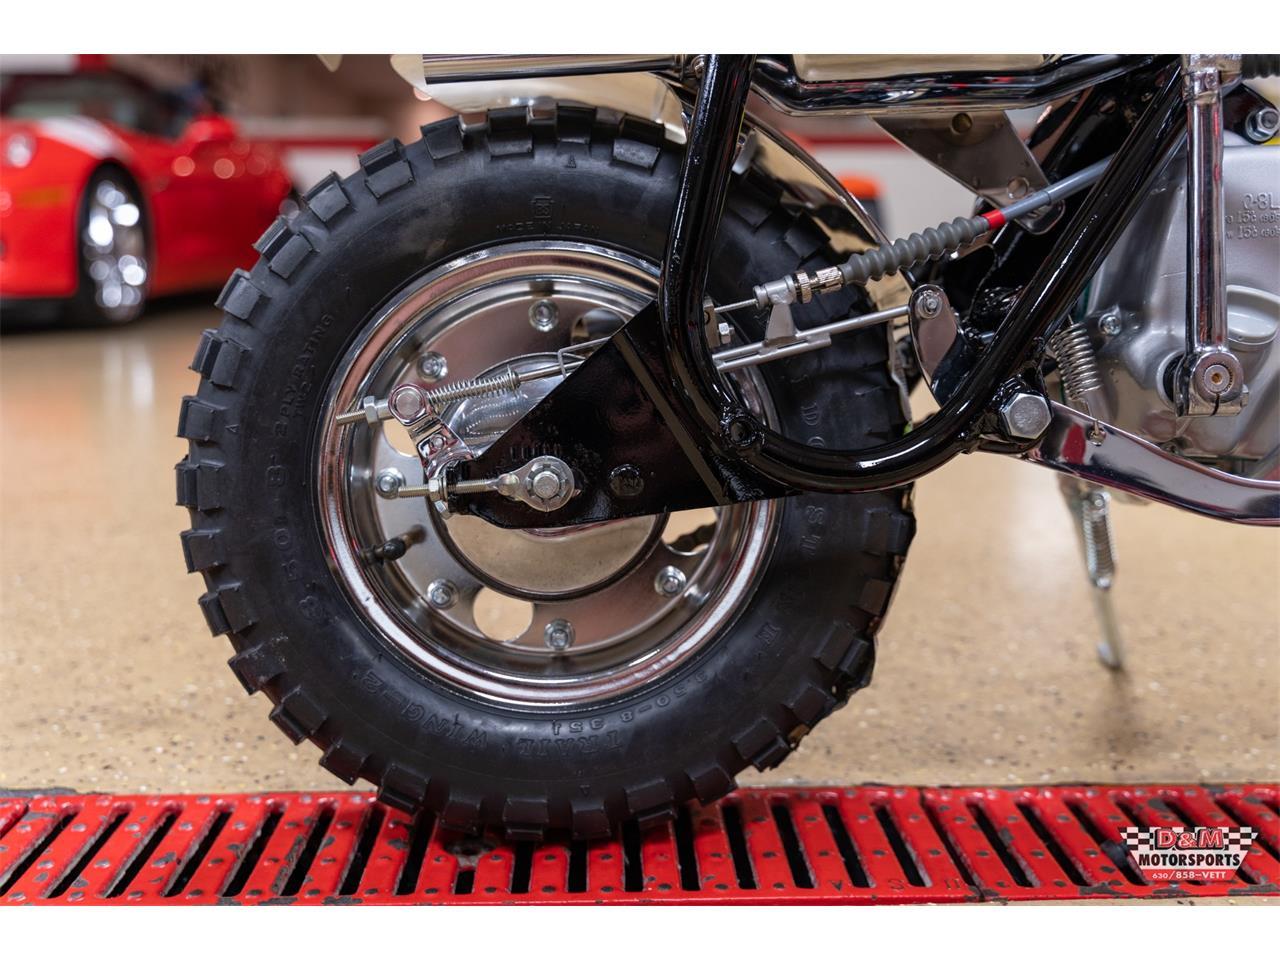 1970 Honda Motorcycle (CC-1321930) for sale in Glen Ellyn, Illinois